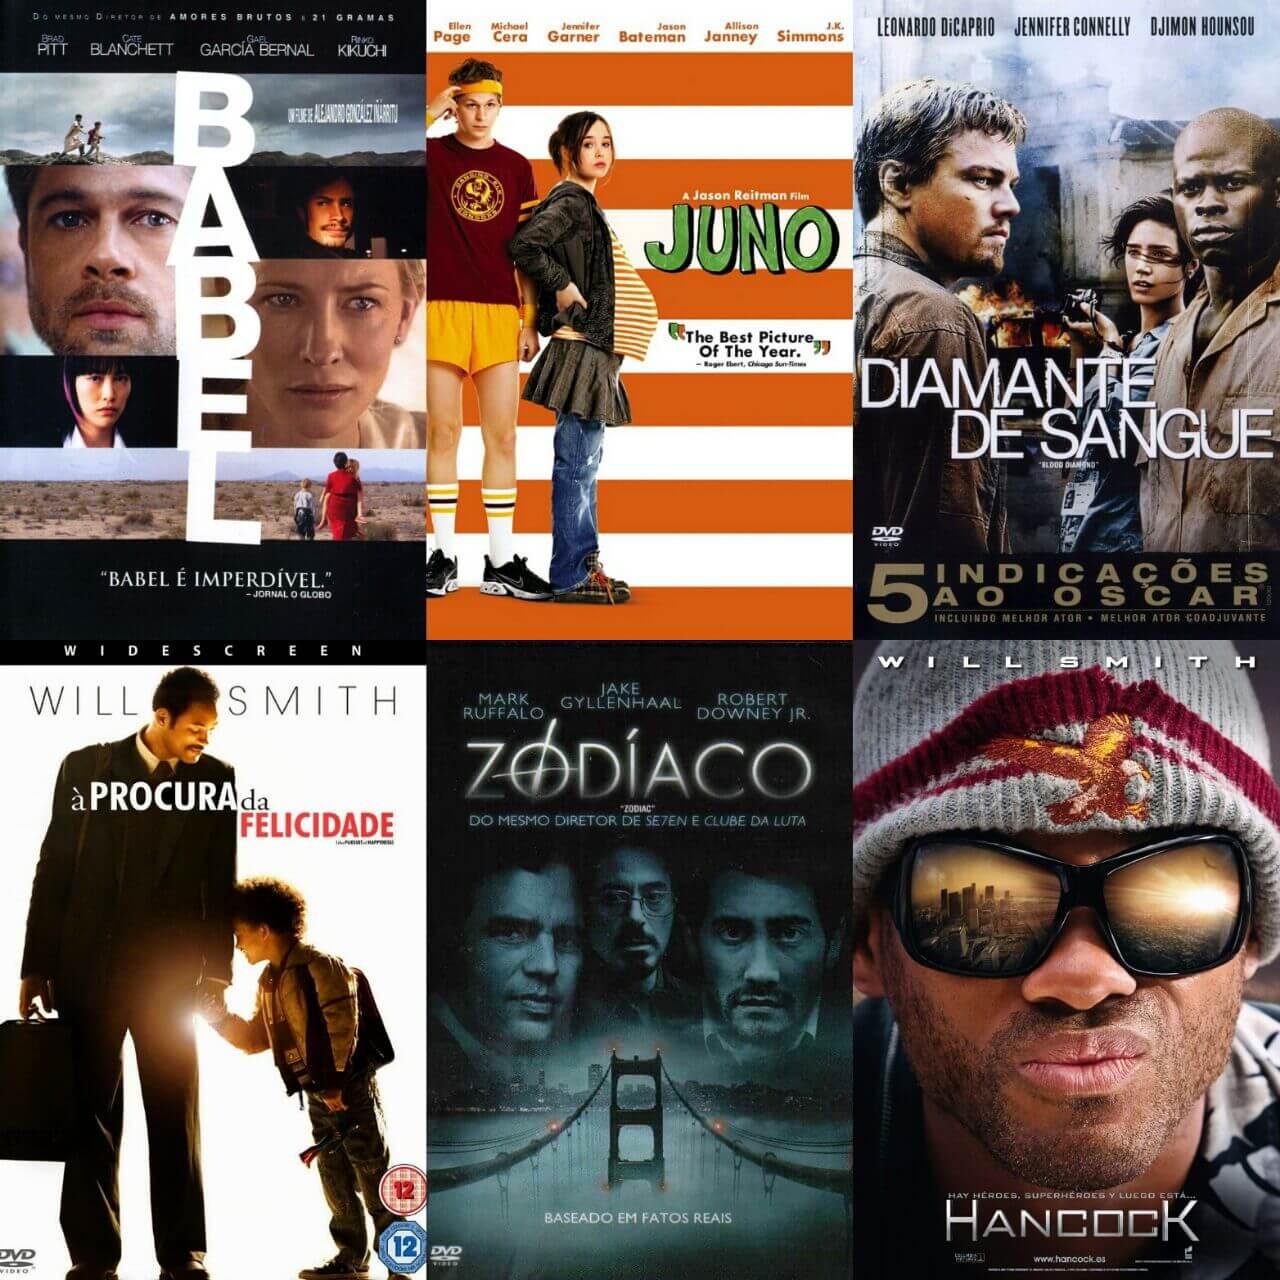 Filmes Black List - Black List: uma lista de roteiros que vem alterando padrões em Hollywood